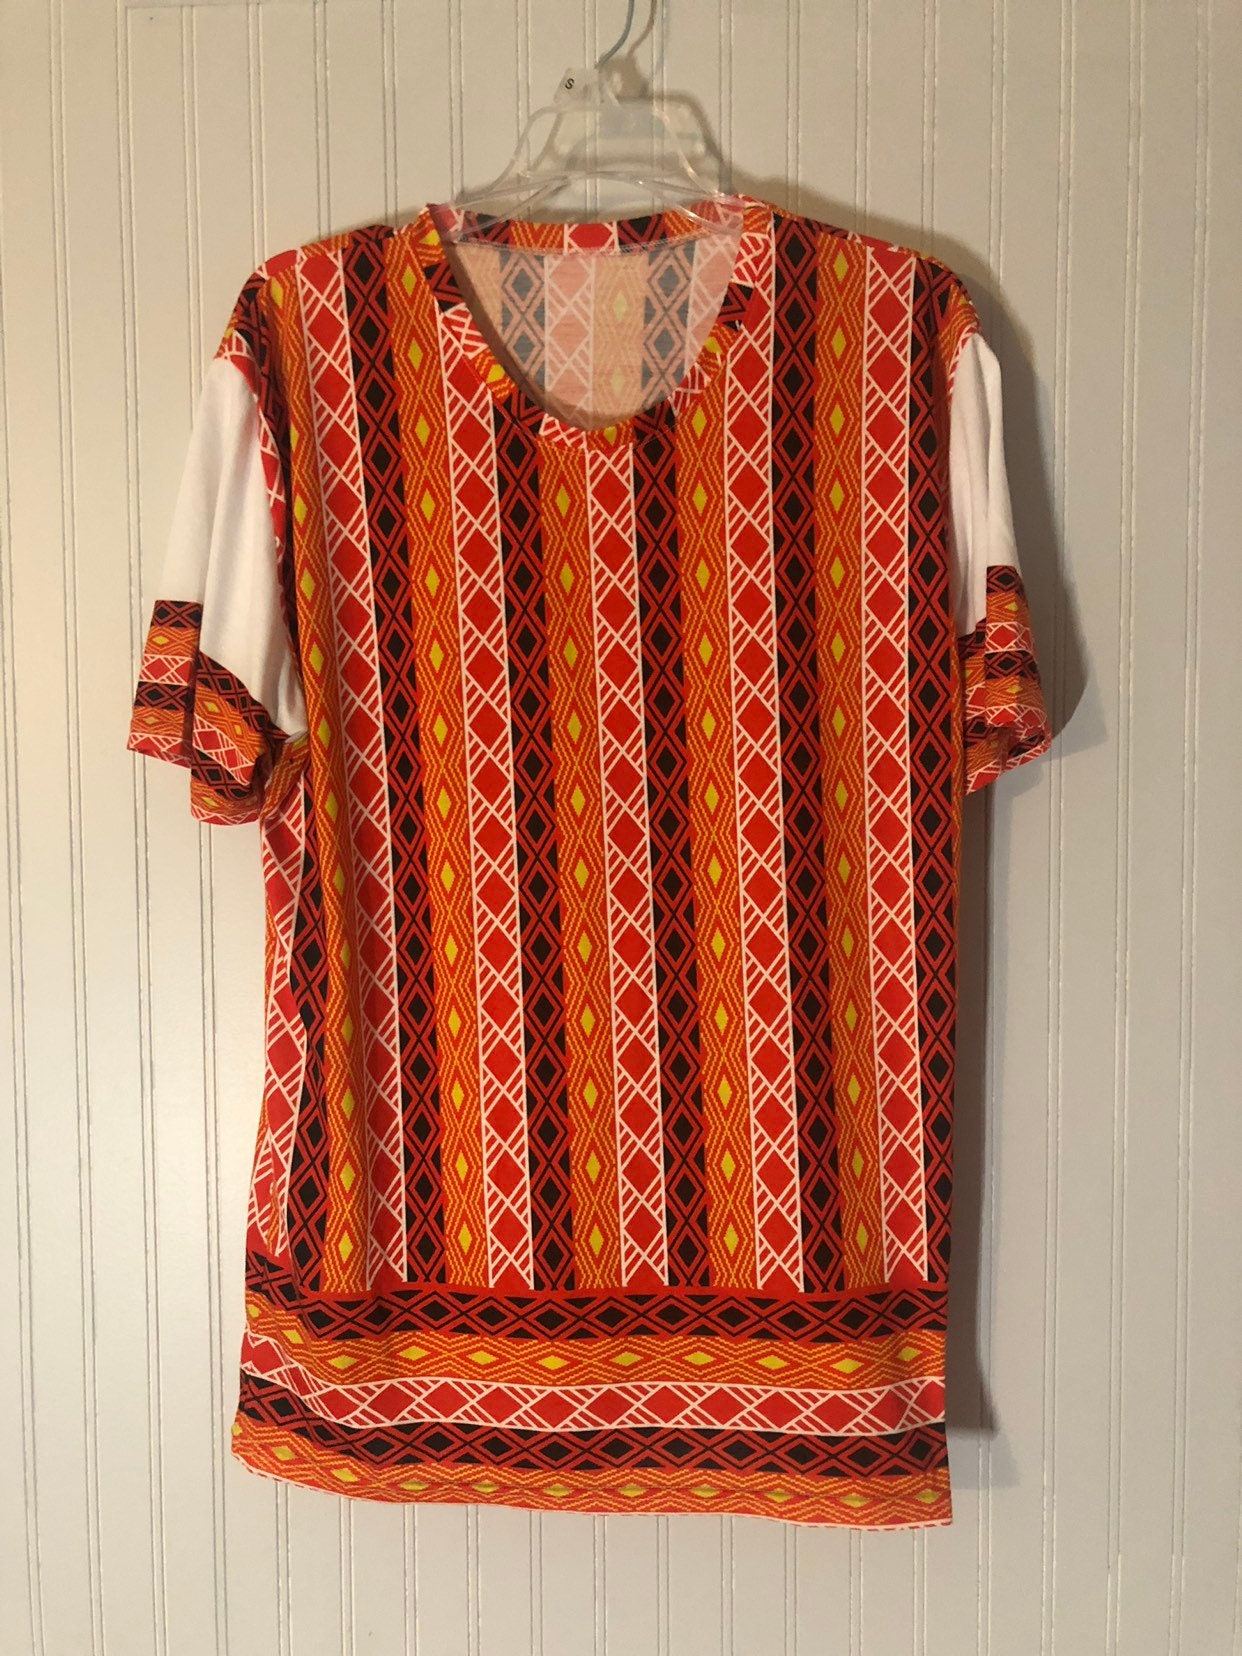 9ad6462ea Filipino Tribal Shirt / Igorot / Visayan / Mindanao | Etsy